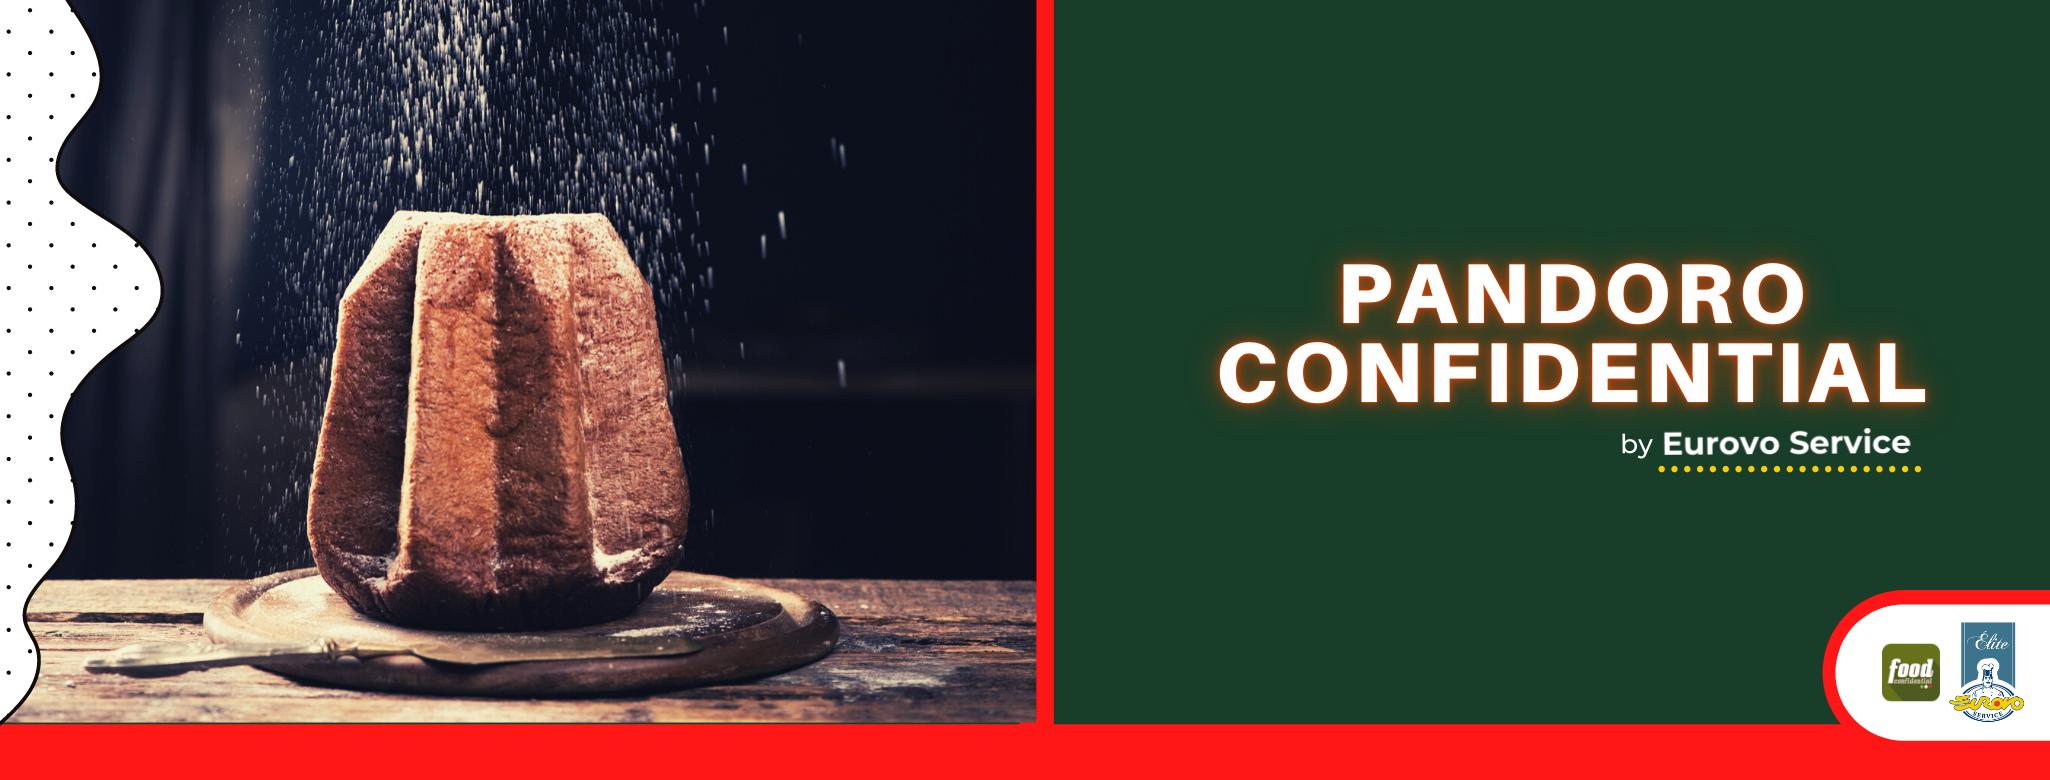 Pandoro Confidential: la bontà è in diretta